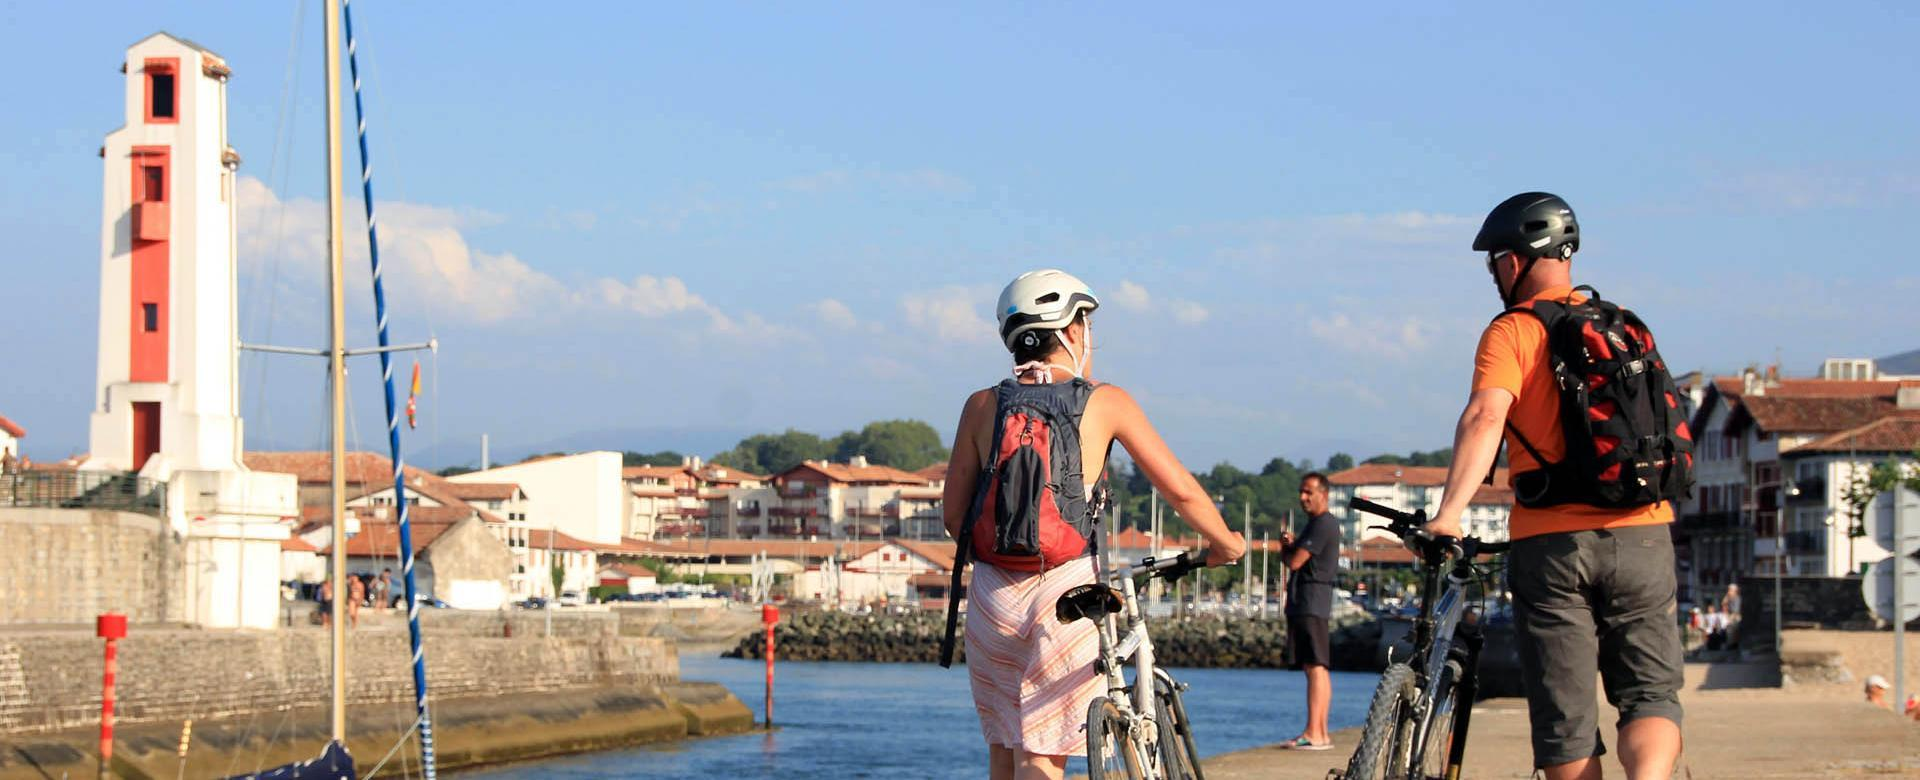 Voyage en véhicule : Terres et côte basques à vélo